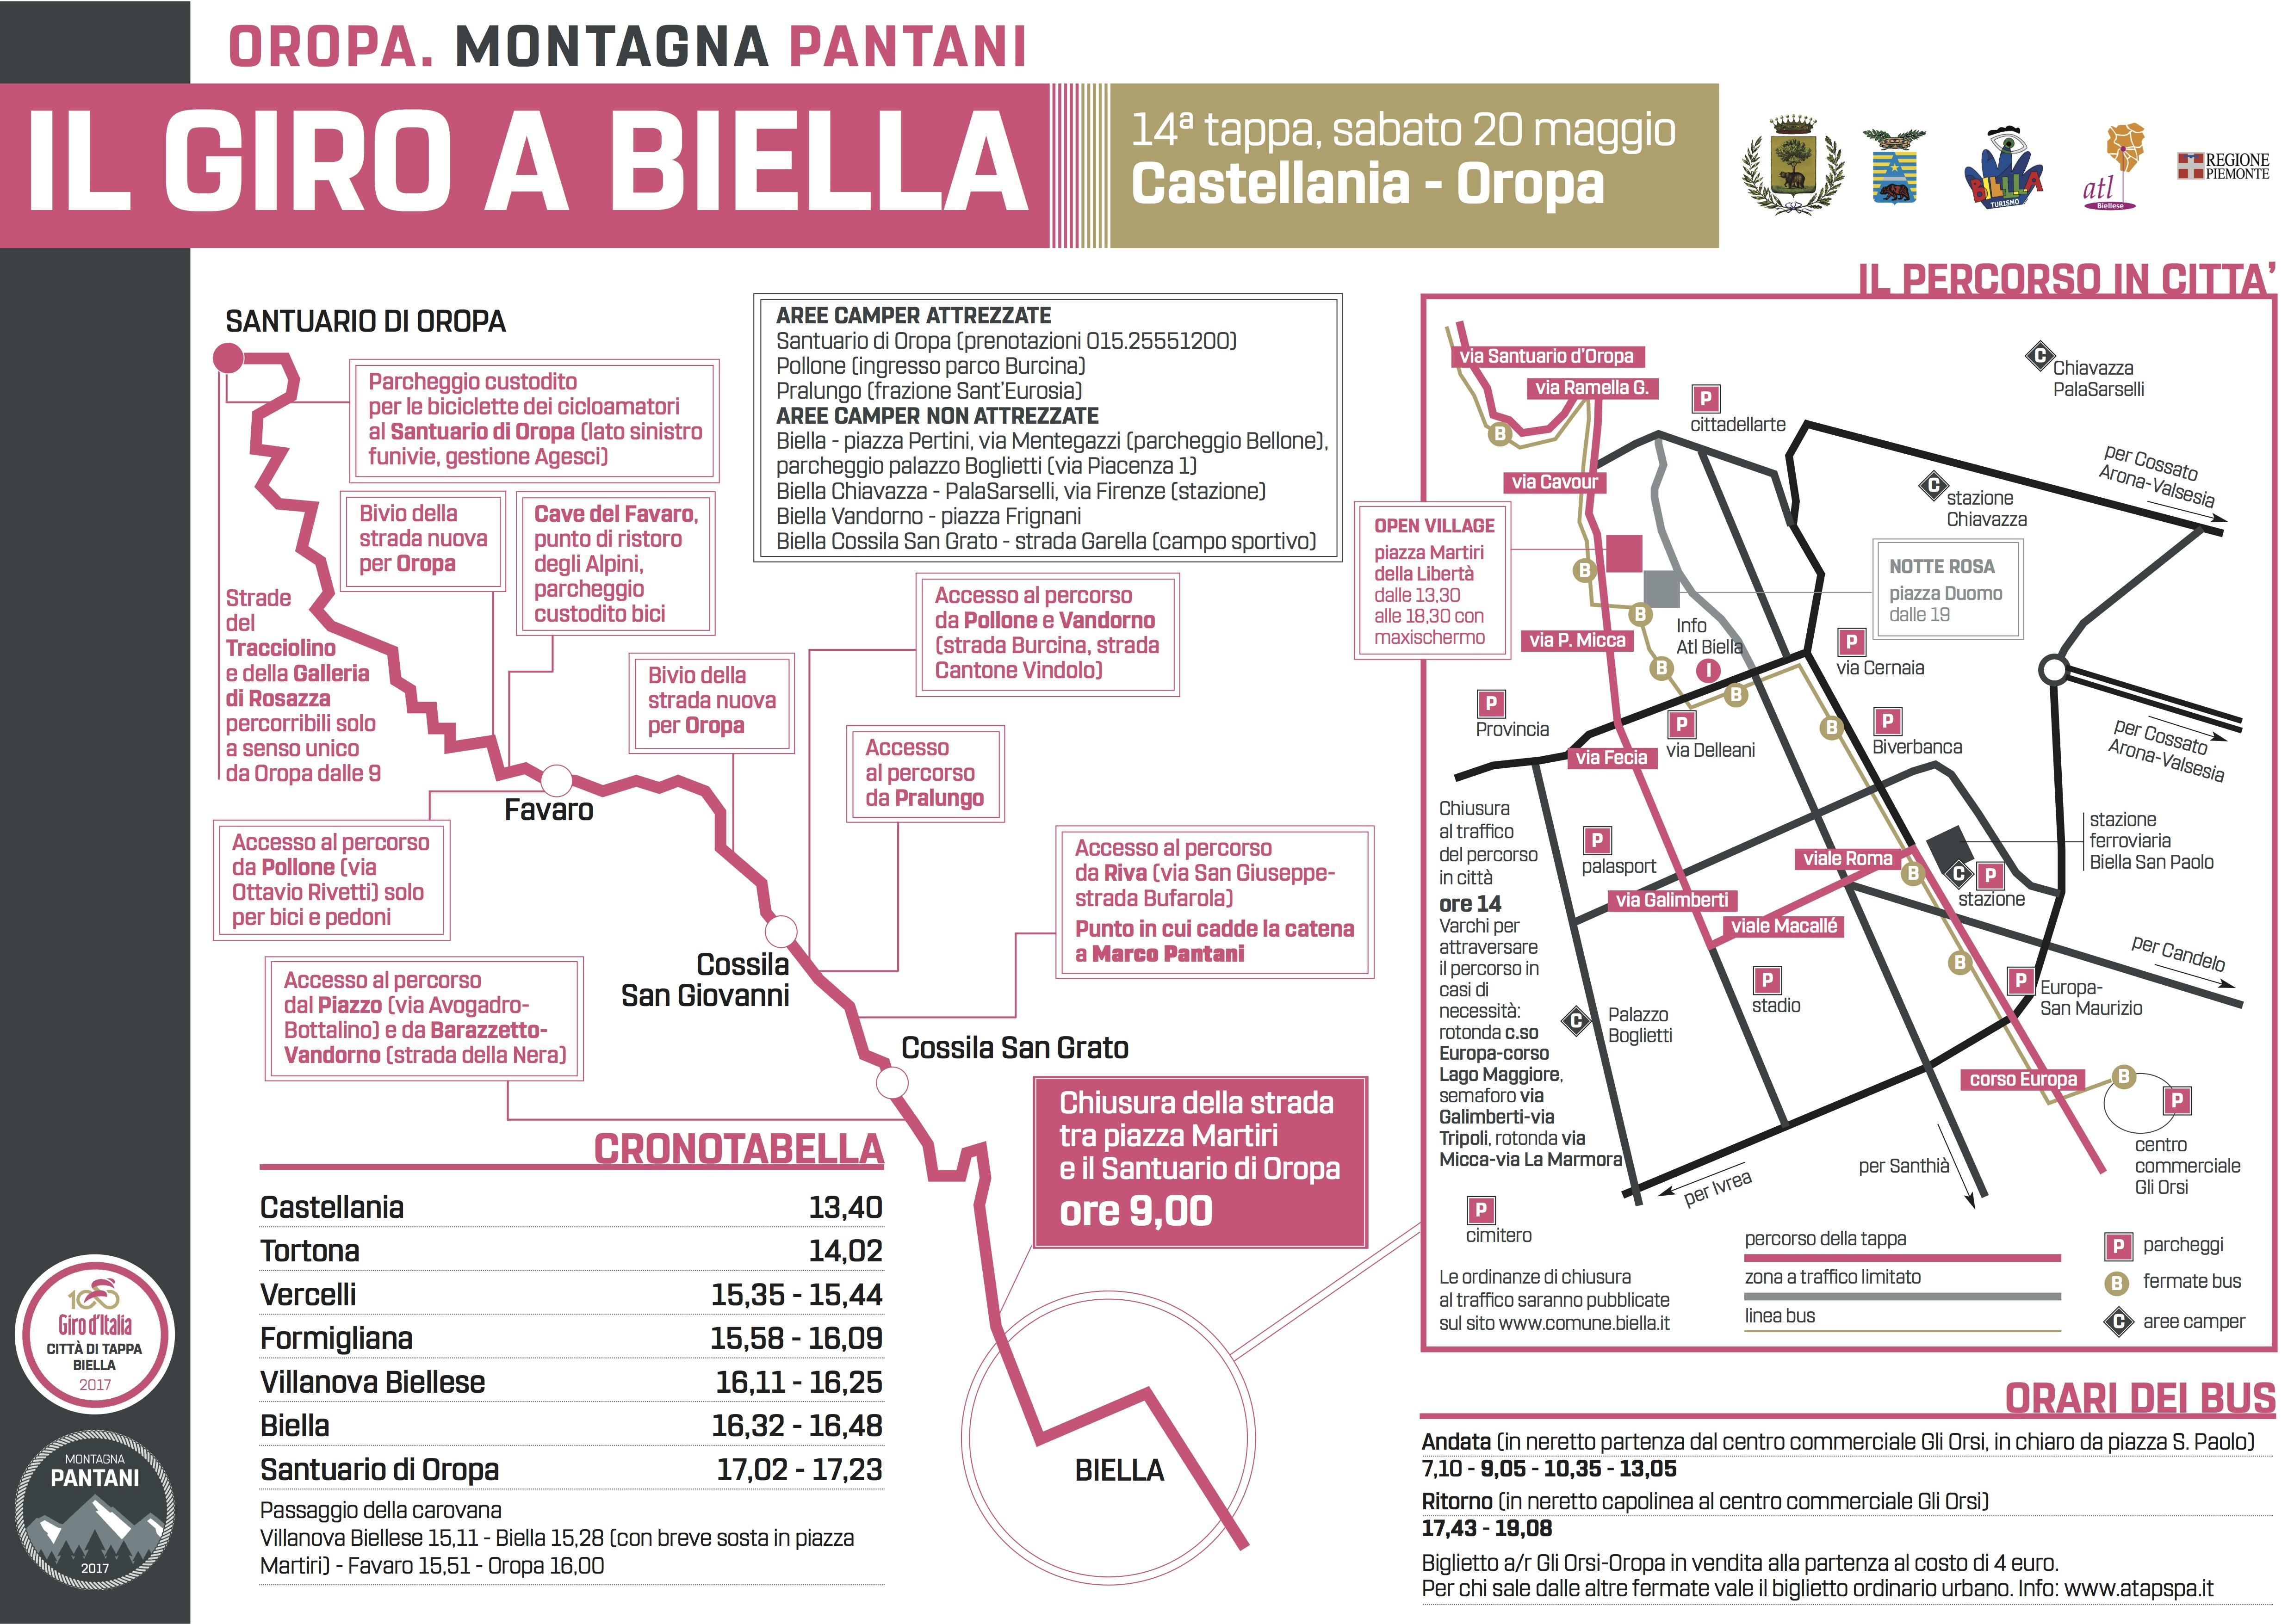 La mappa con le notizie utili sulla tappa del 20 maggio